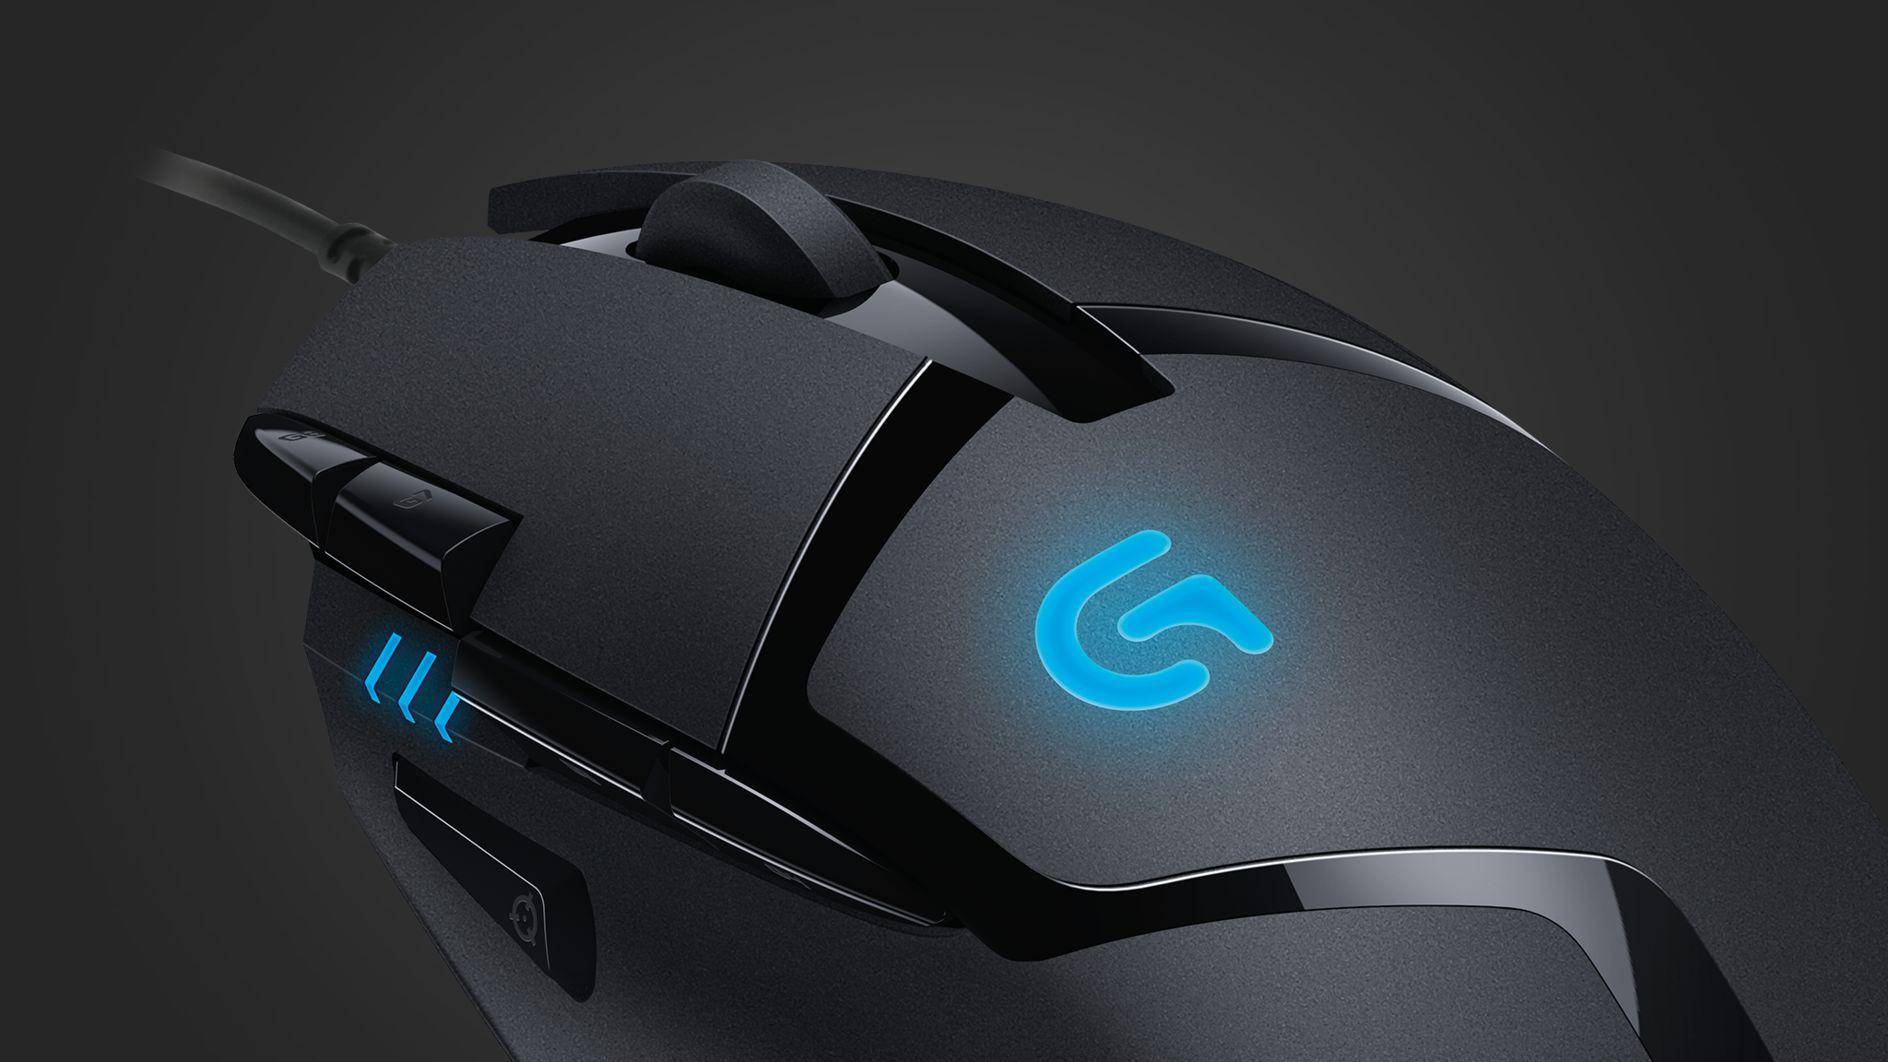 Souris gamer : moins de 30 euros pour l'excellente Logitech G402 Hyperion